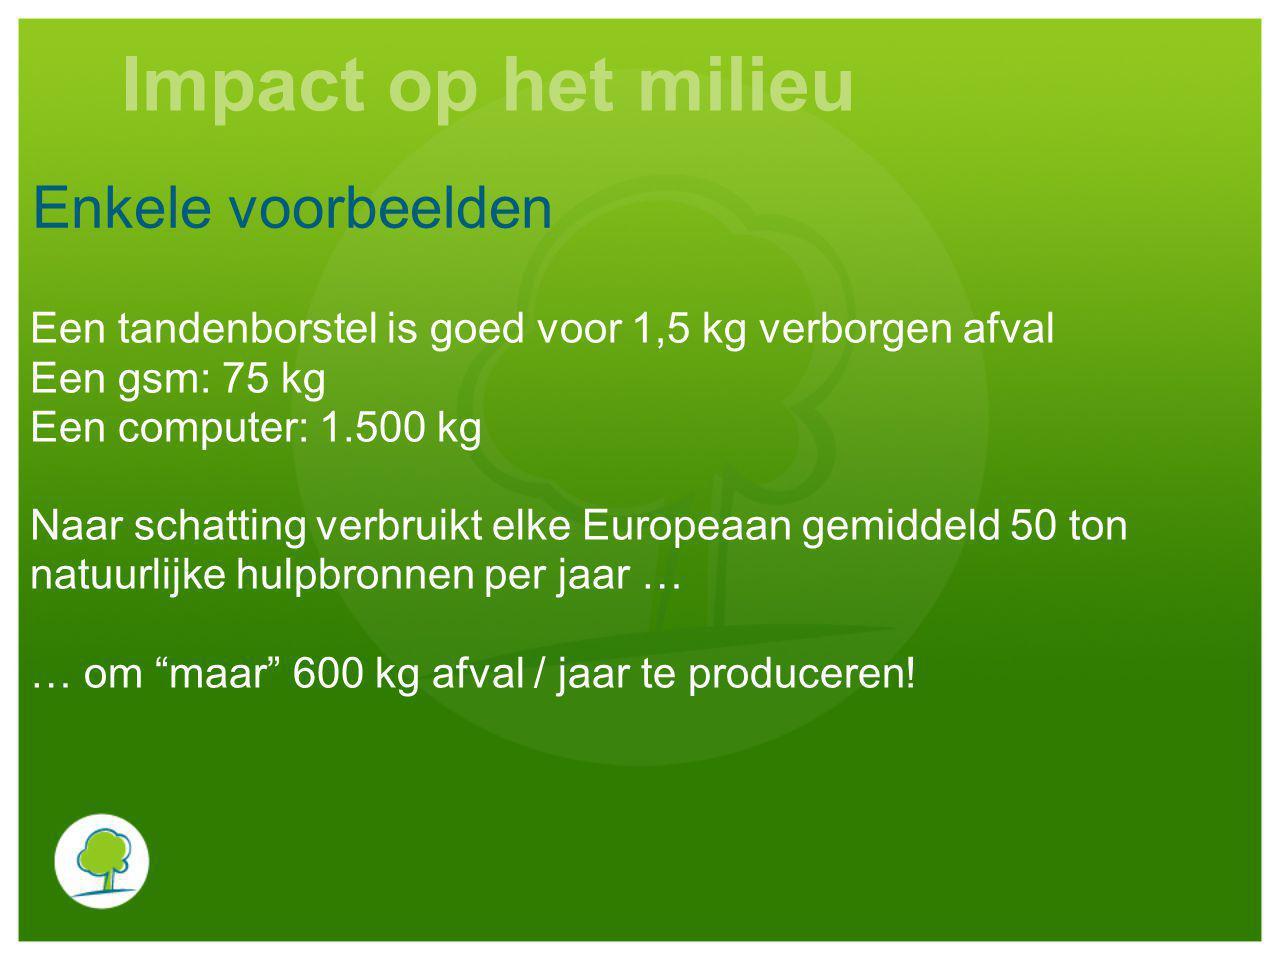 Enkele voorbeelden Een tandenborstel is goed voor 1,5 kg verborgen afval Een gsm: 75 kg Een computer: 1.500 kg Naar schatting verbruikt elke Europeaan